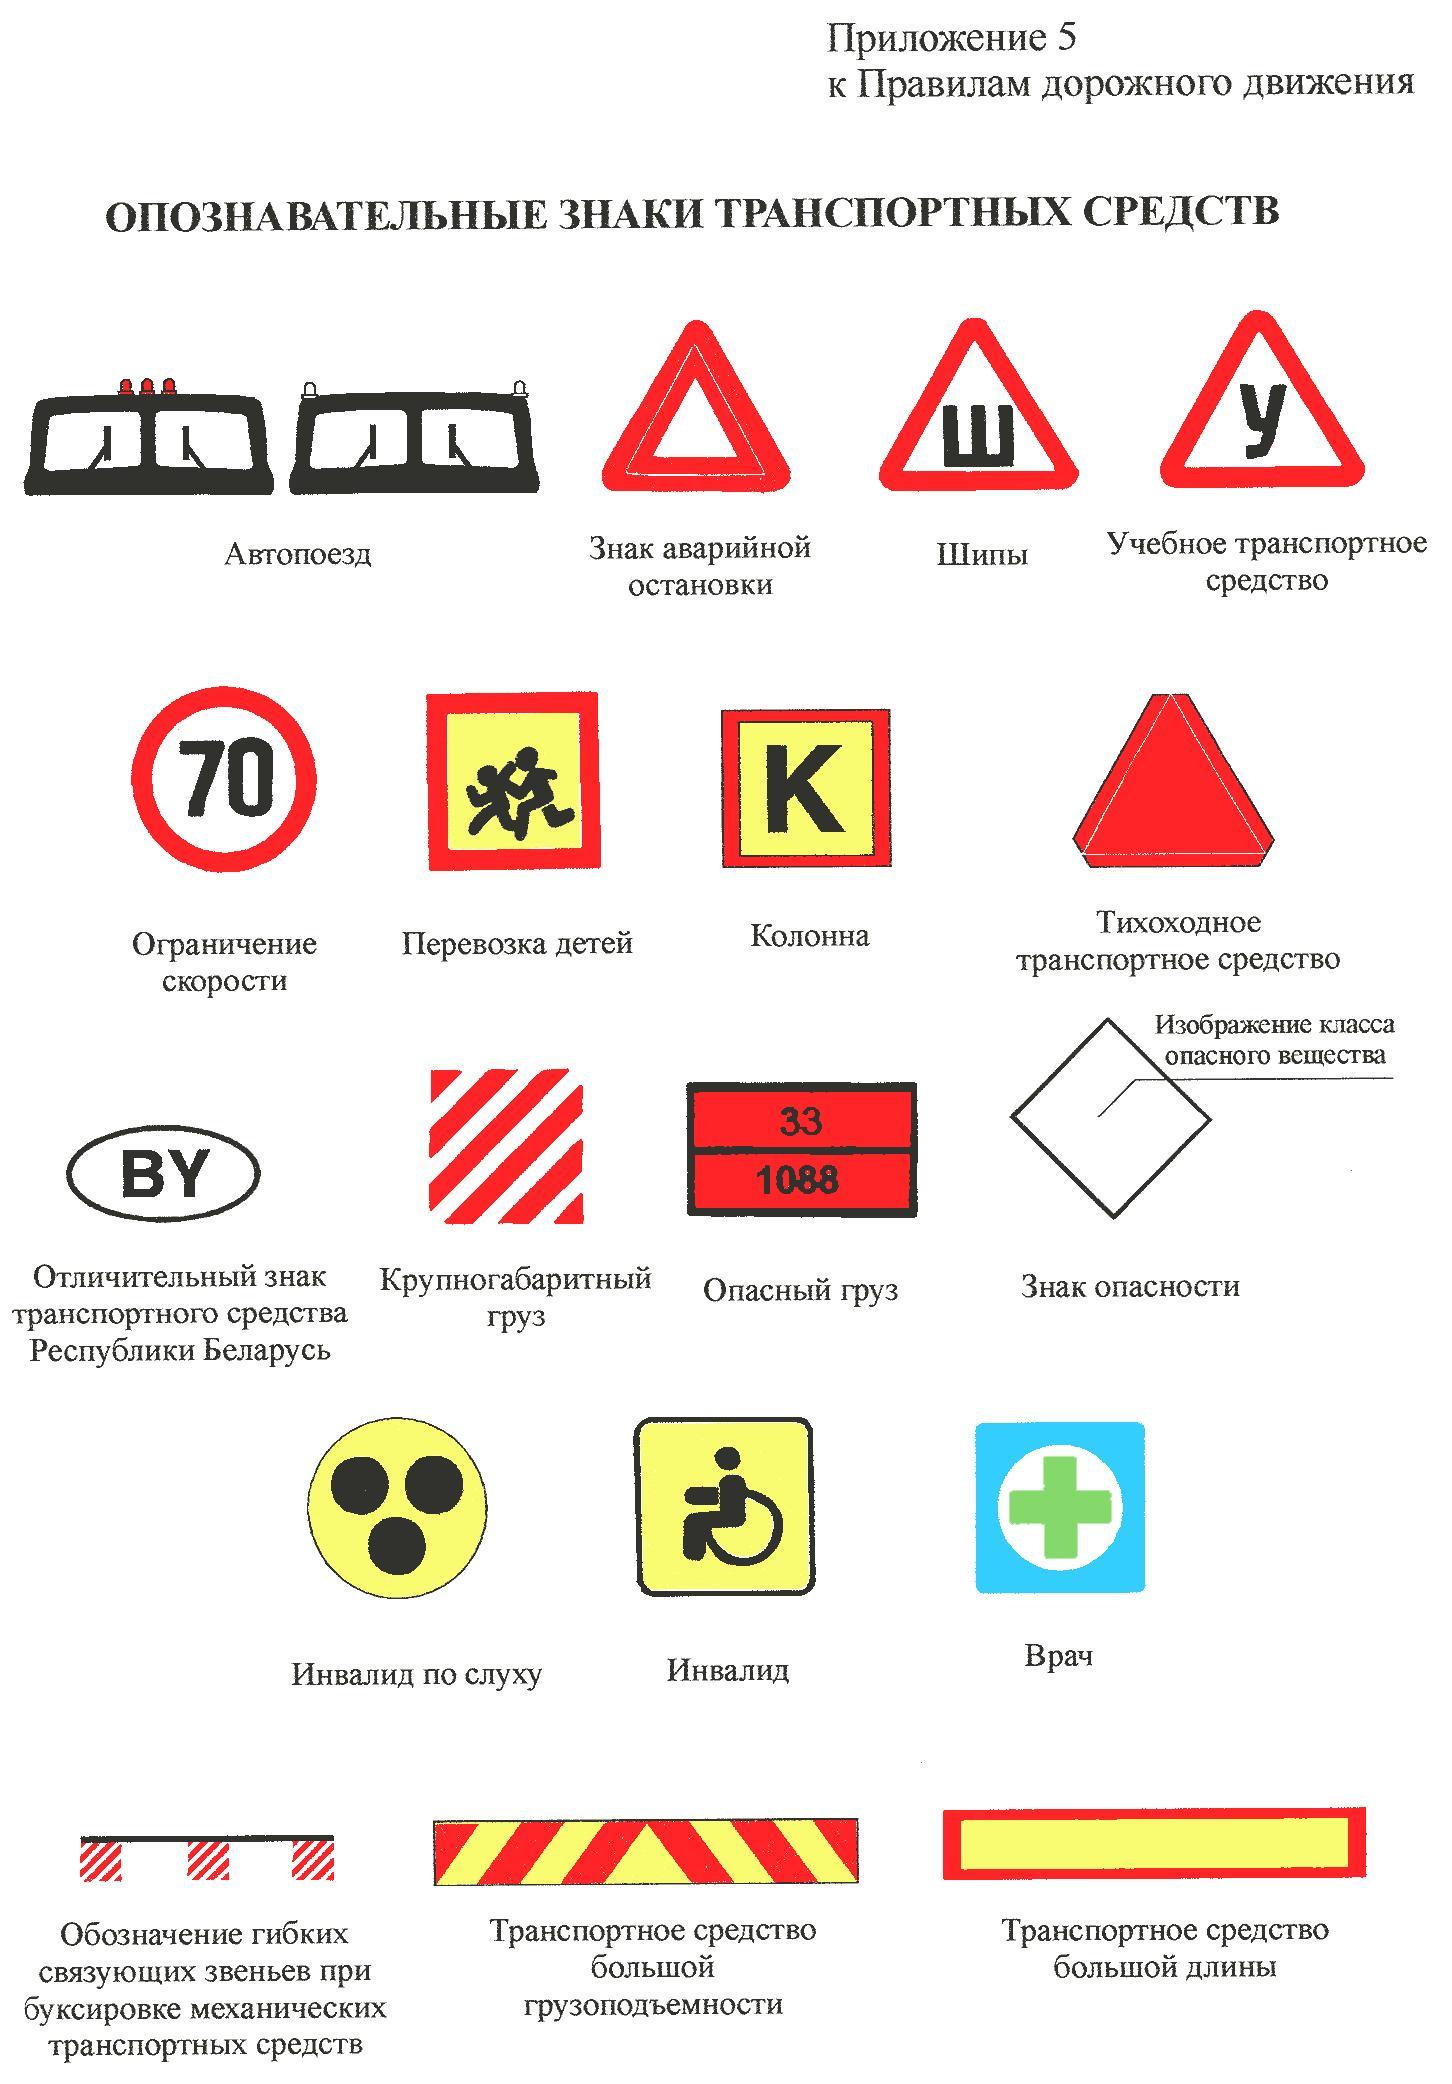 знаки дорожного движения в картинках: